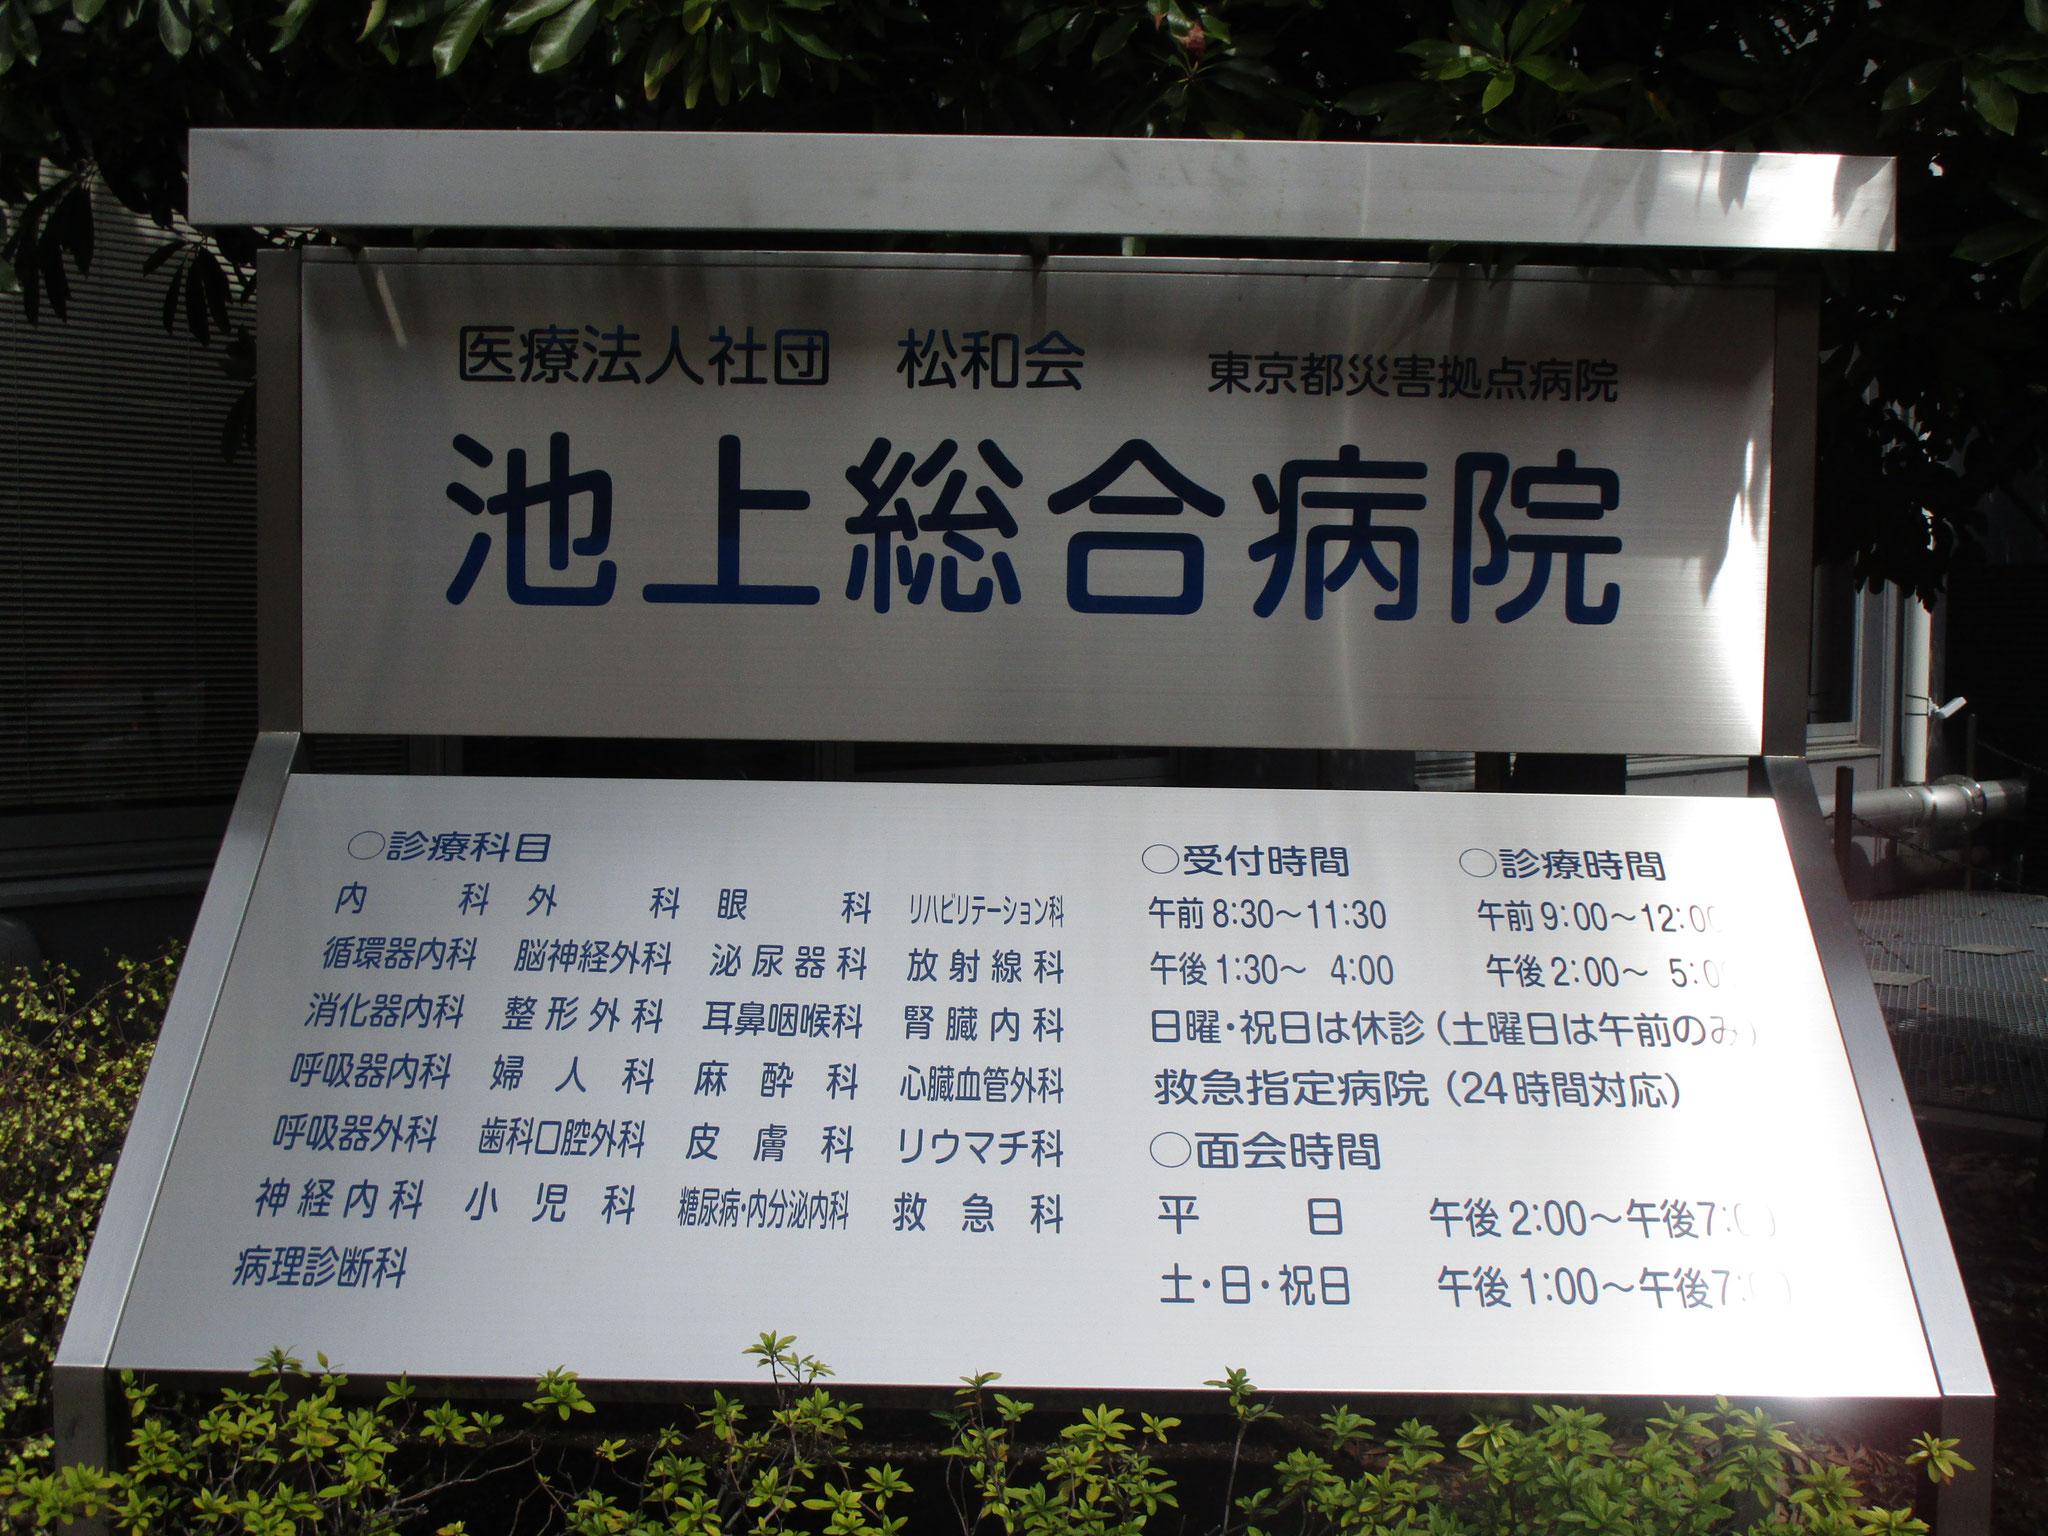 駅からすぐの救急指定病院「池上総合病院」の診療科目